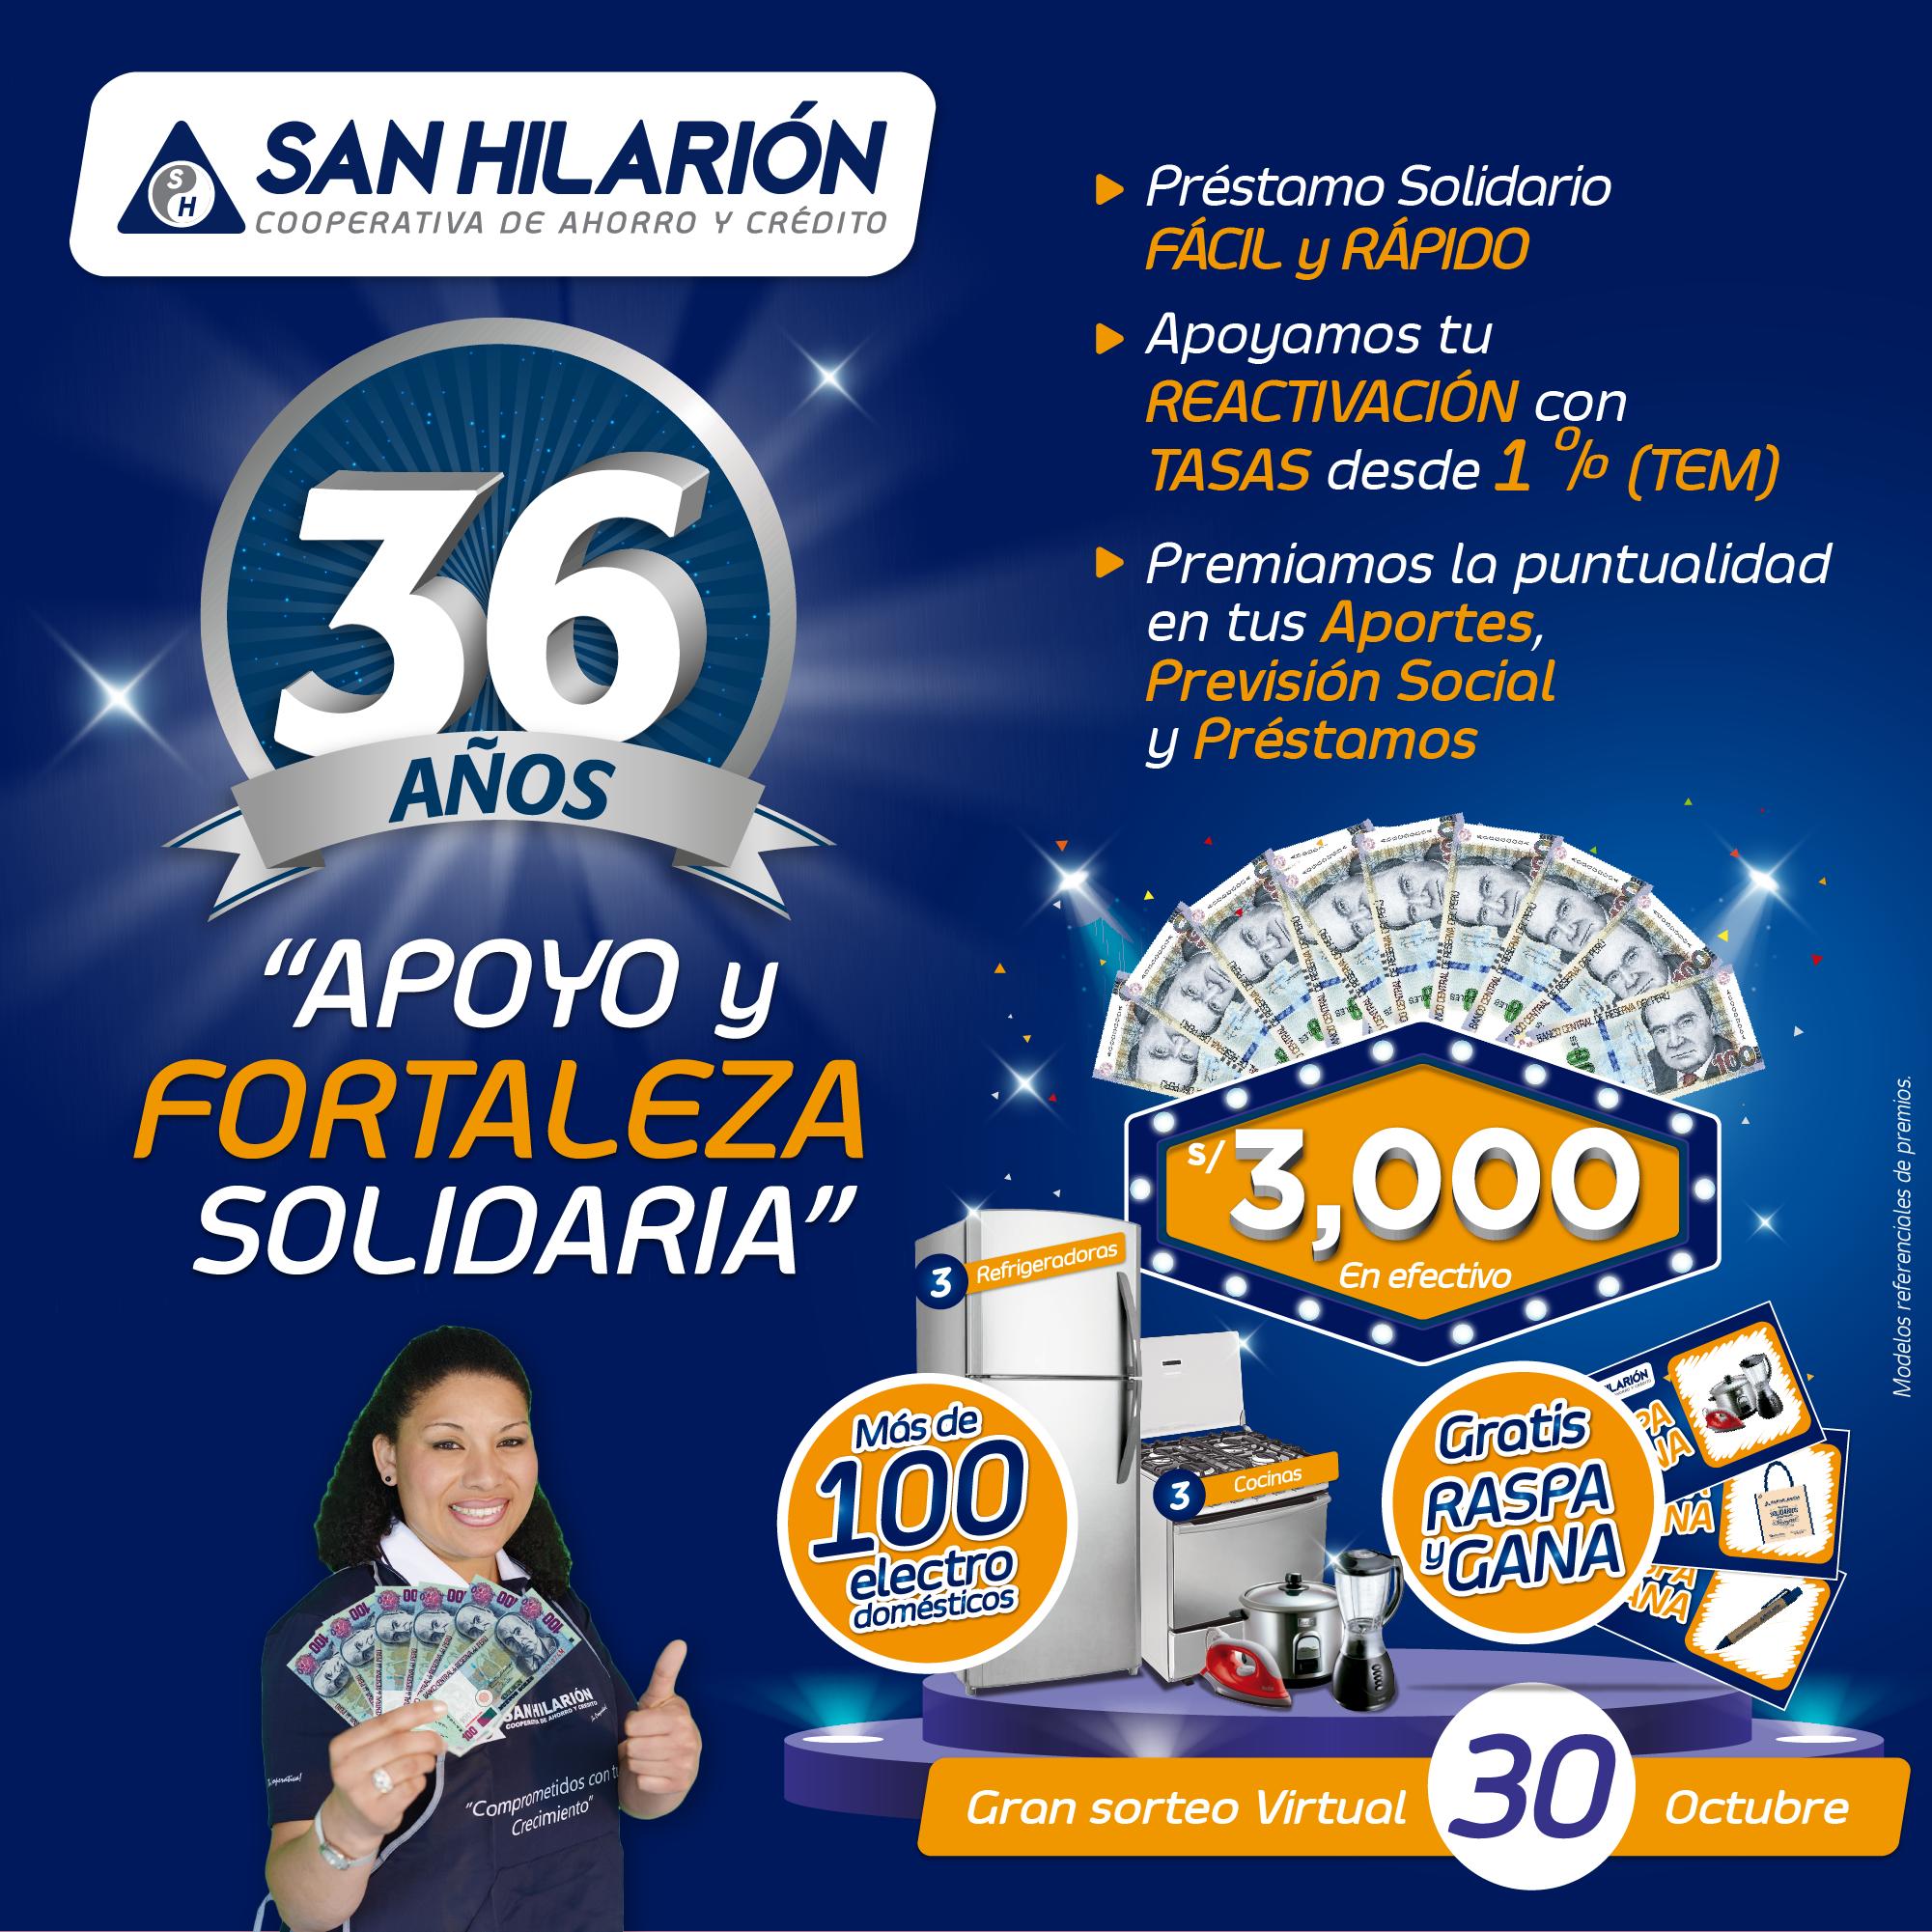 Campaña 36 Aniversario: préstamos solidarios y grandes premios para los emprendedores